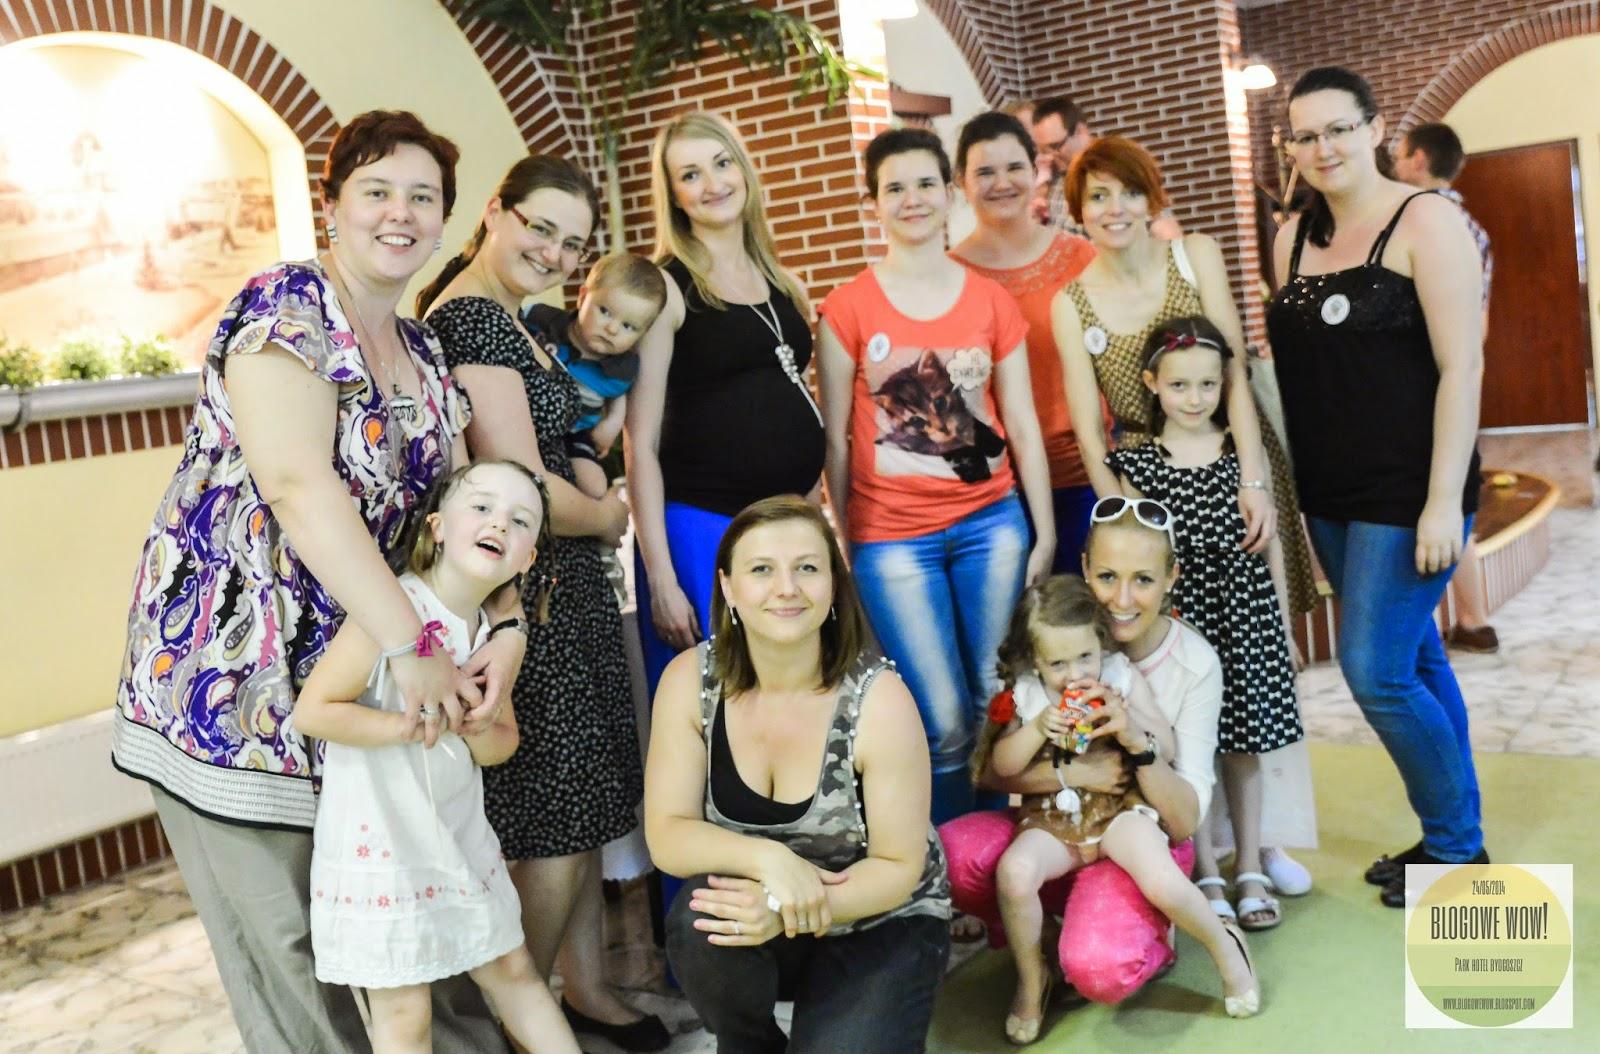 uczestniczki blogowe wow z Bydgoszczy